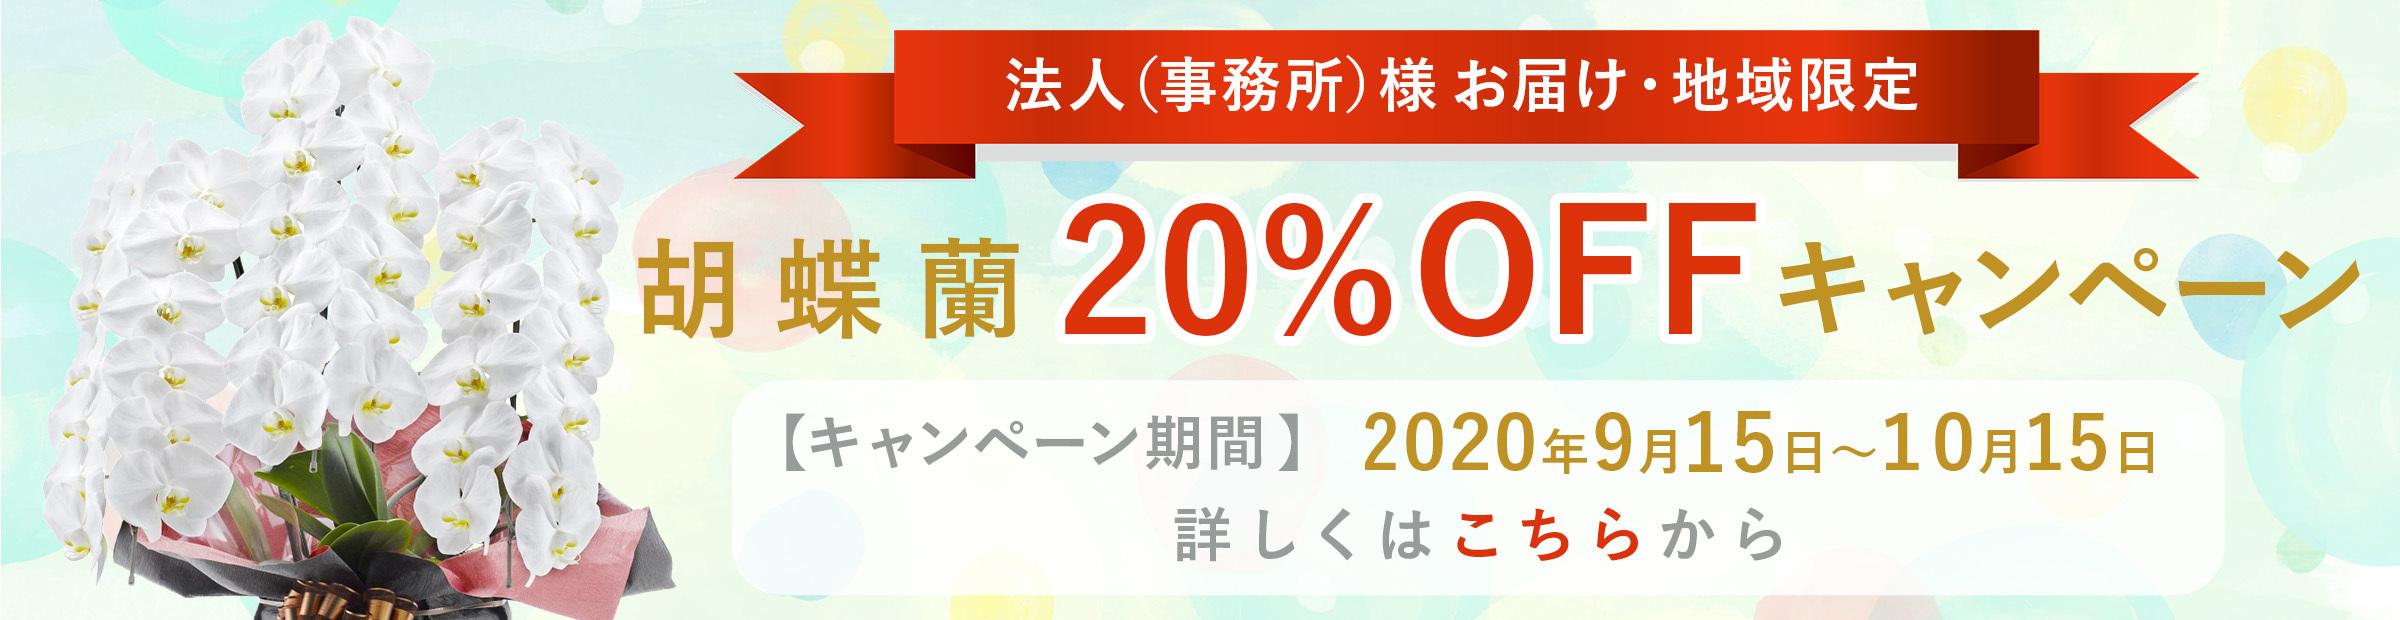 胡蝶蘭キャンペーン20%OFF-親切なお花屋さん(開店祝い.com)-